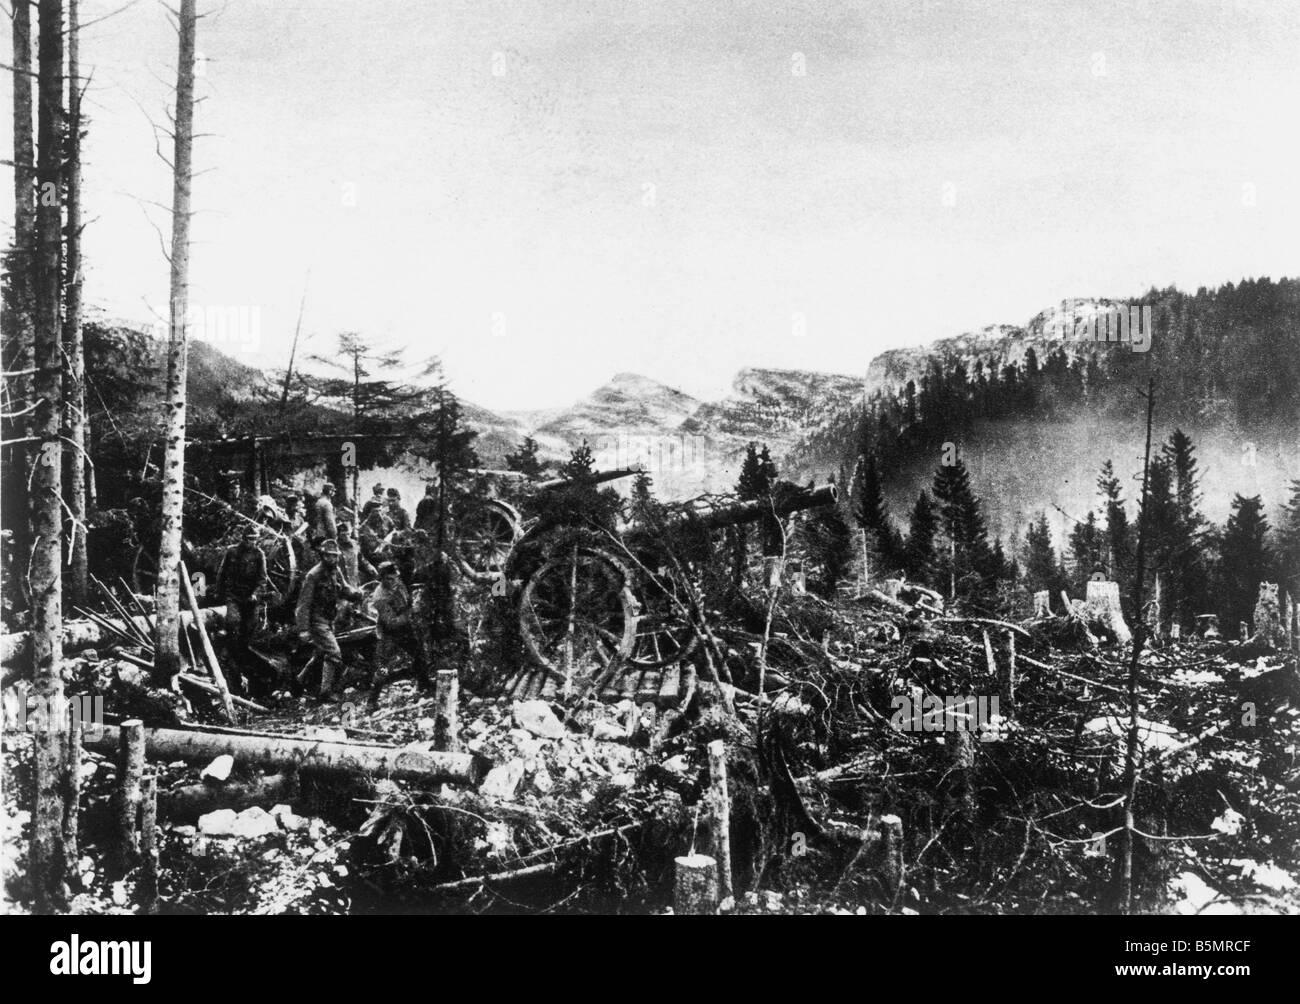 9 1917 10 0 A1 4 E Austr Akkuposition am Afagio 1917 Erster Weltkrieg 1914-18 1 Relief Angriff der G-Boy und Österreicher Stockbild